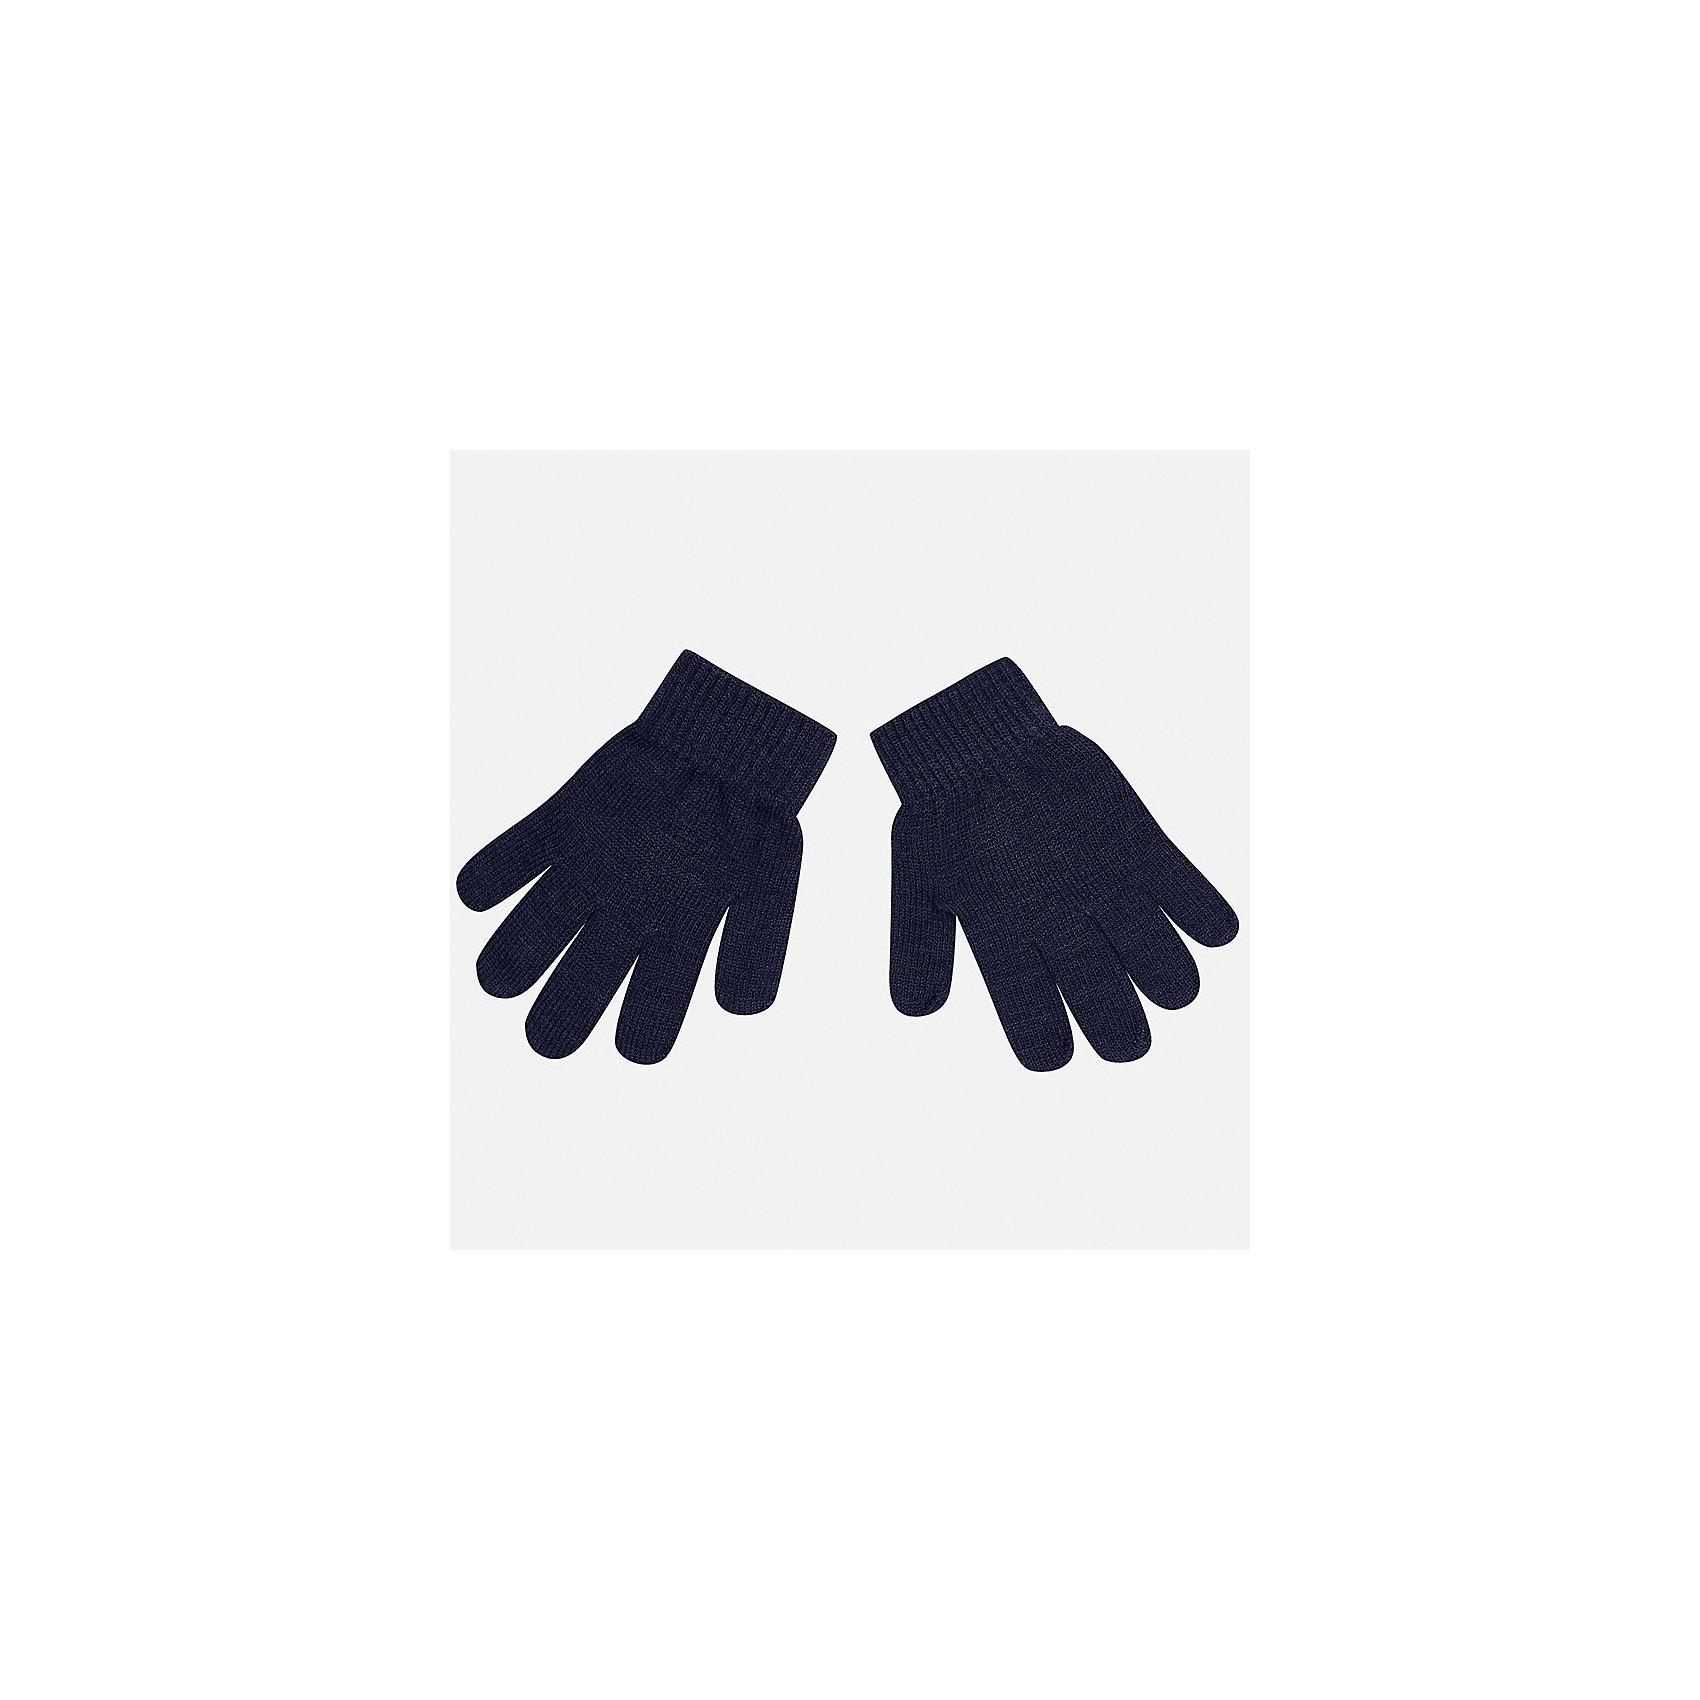 Перчатки для мальчика MayoralПерчатки, варежки<br>Характеристики товара:<br><br>• цвет: синий<br>• состав ткани: 50% хлопок, 45% полиамид, 5% шерсть<br>• сезон: демисезон<br>• страна бренда: Испания<br>• страна изготовитель: Индия<br><br>Синие демисезонные перчатки помогут обеспечить ребенку тепло и комфорт. Детские перчатки от бренда Майорал смотрится модно и оригинально. Перчатки для мальчика от испанской компании Mayoral отличаются стильным дизайном. Качество продукции неизменно очень высокое.<br><br>Перчатки для мальчика Mayoral (Майорал) можно купить в нашем интернет-магазине.<br><br>Ширина мм: 162<br>Глубина мм: 171<br>Высота мм: 55<br>Вес г: 119<br>Цвет: синий<br>Возраст от месяцев: 144<br>Возраст до месяцев: 168<br>Пол: Мужской<br>Возраст: Детский<br>Размер: 14,2,6,10<br>SKU: 6939235